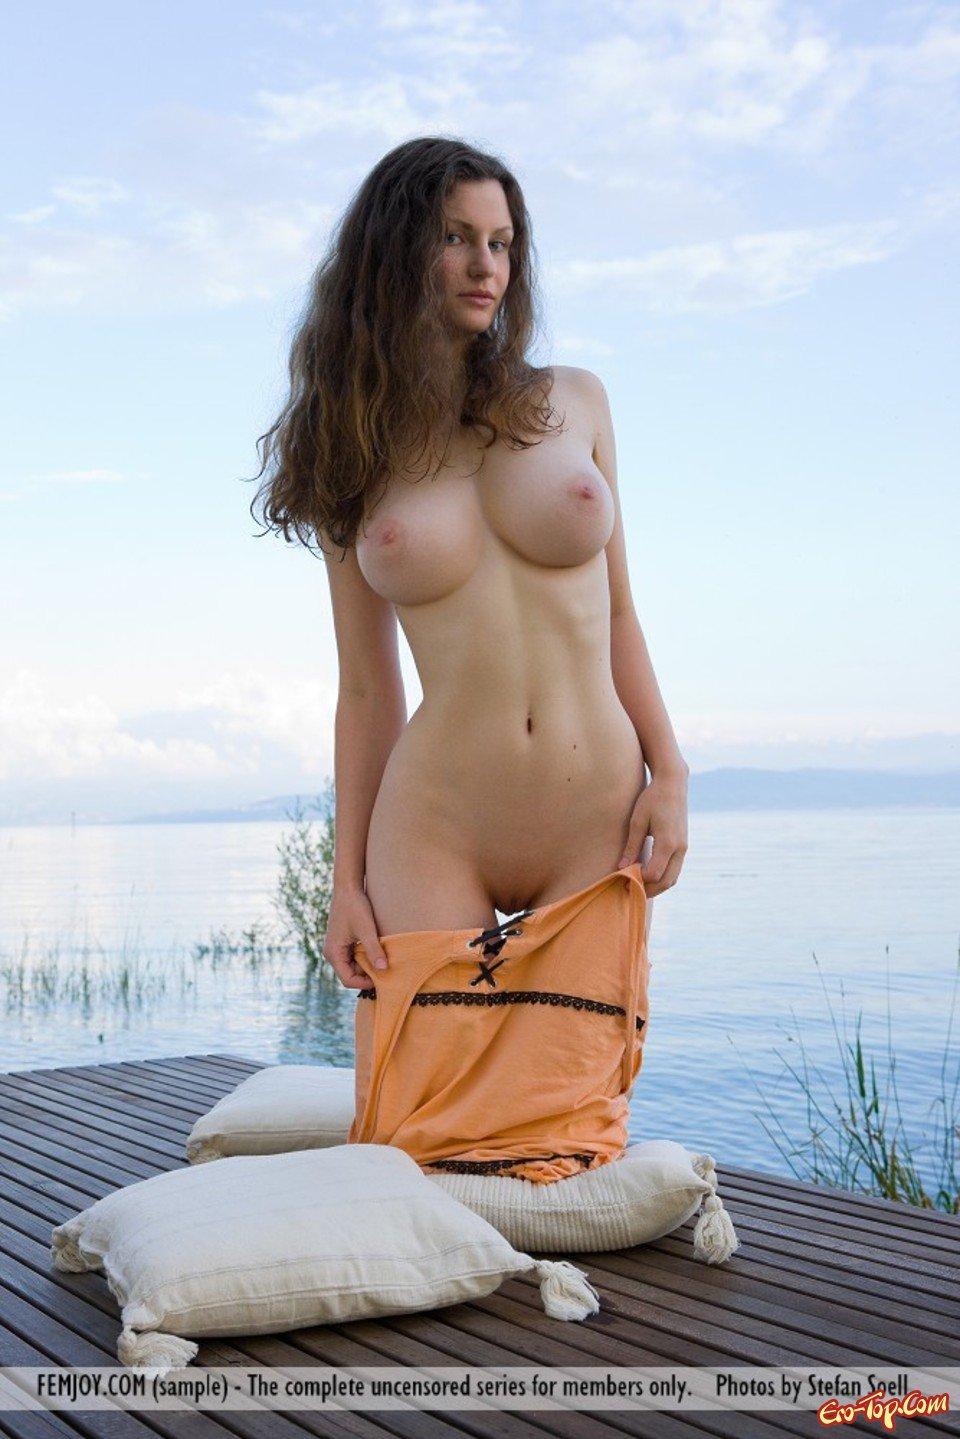 попка отжимается голая